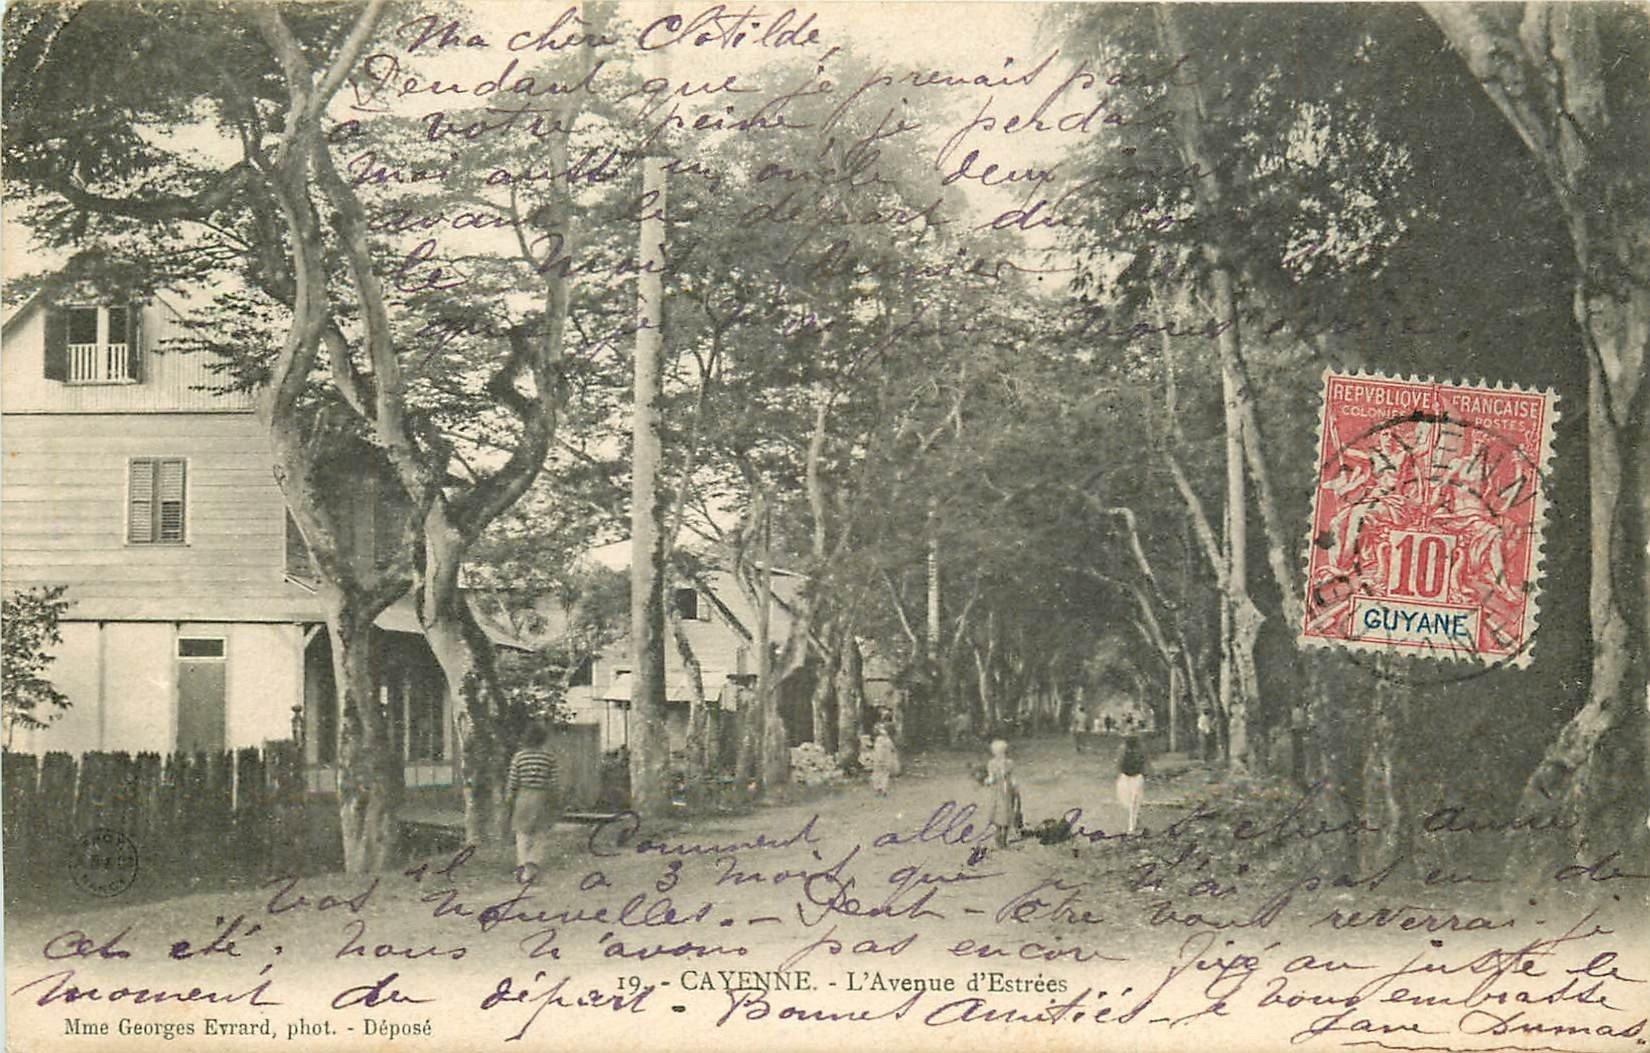 WW CAYENNE. L'Avenue d'Estrées 1906